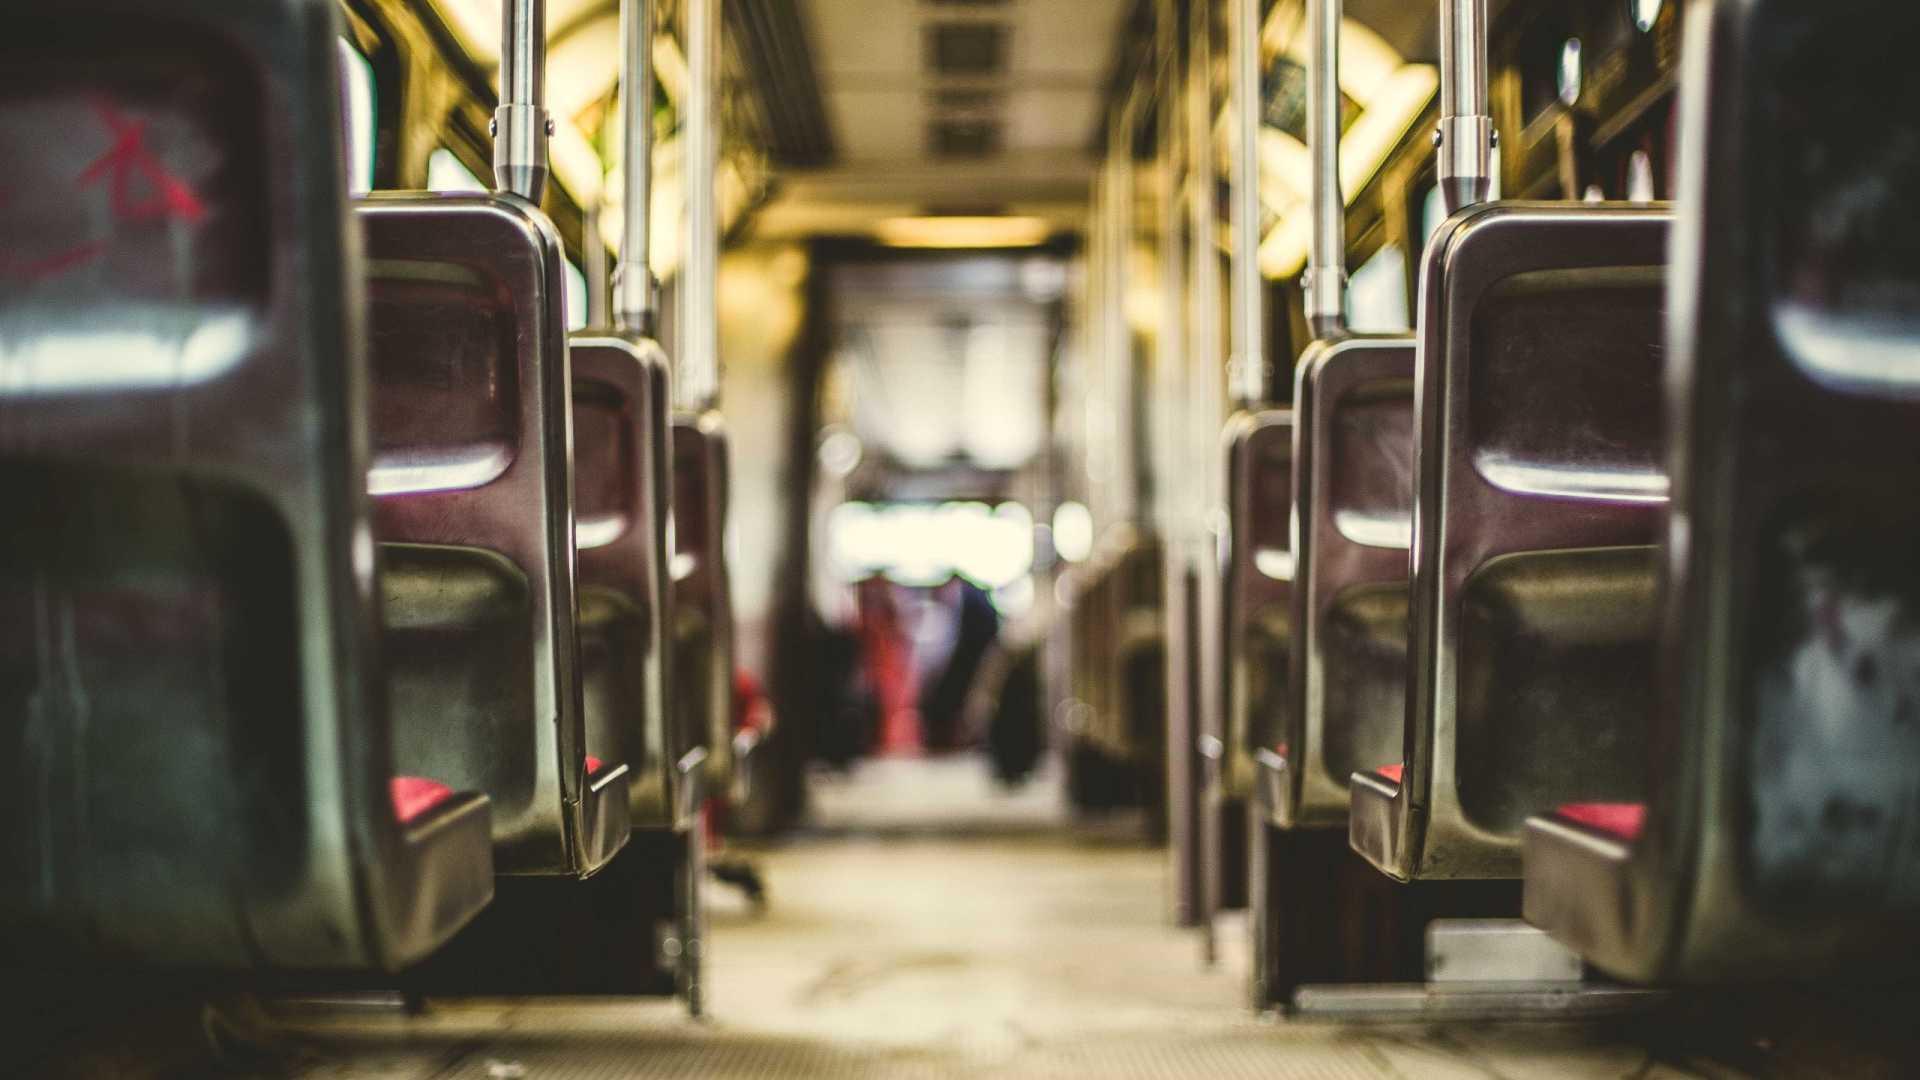 naom 5a39a7e267804 - Homem é detido após ejacular em menina de 13 anos em ônibus